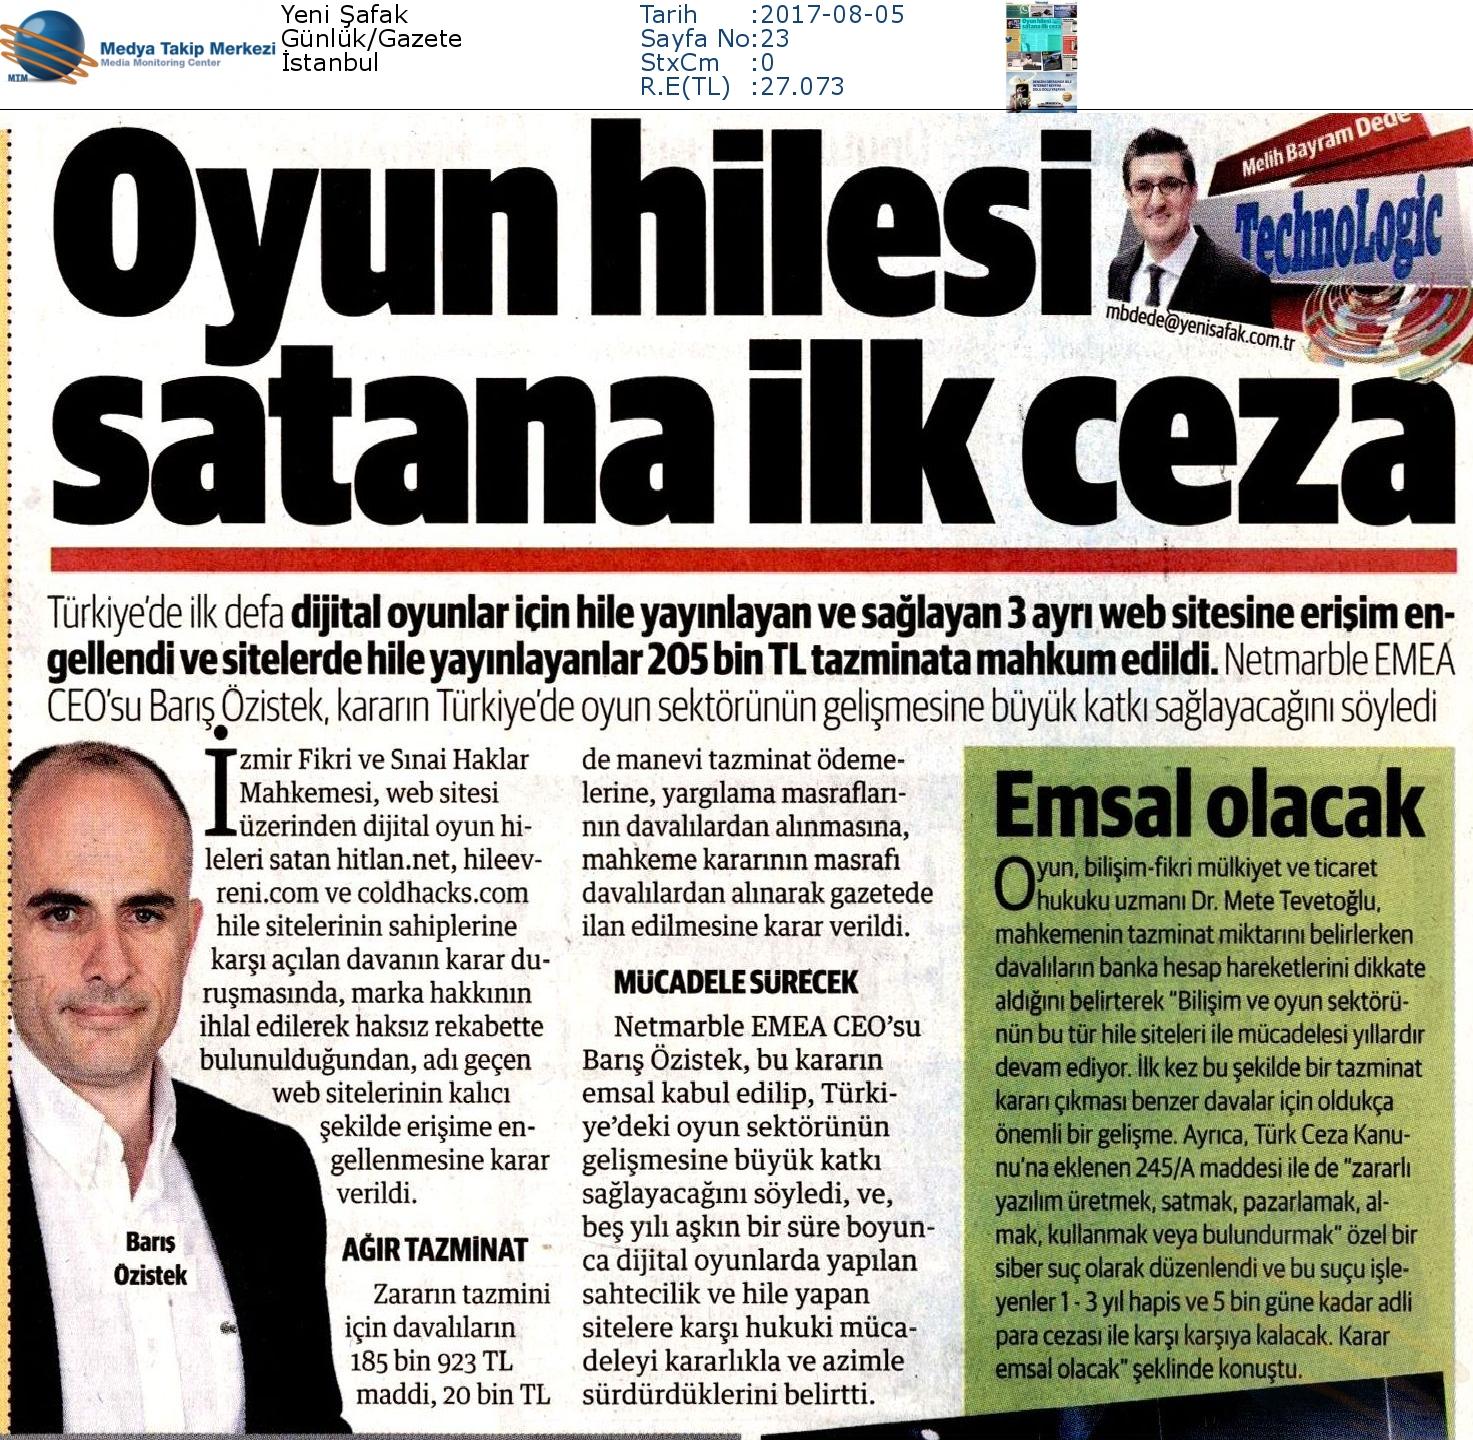 Yeni_Şafak-OYUN_HİLESİ_SATANA_İLK_CEZA_EMSAL_OLACAK-05.08.2017-2